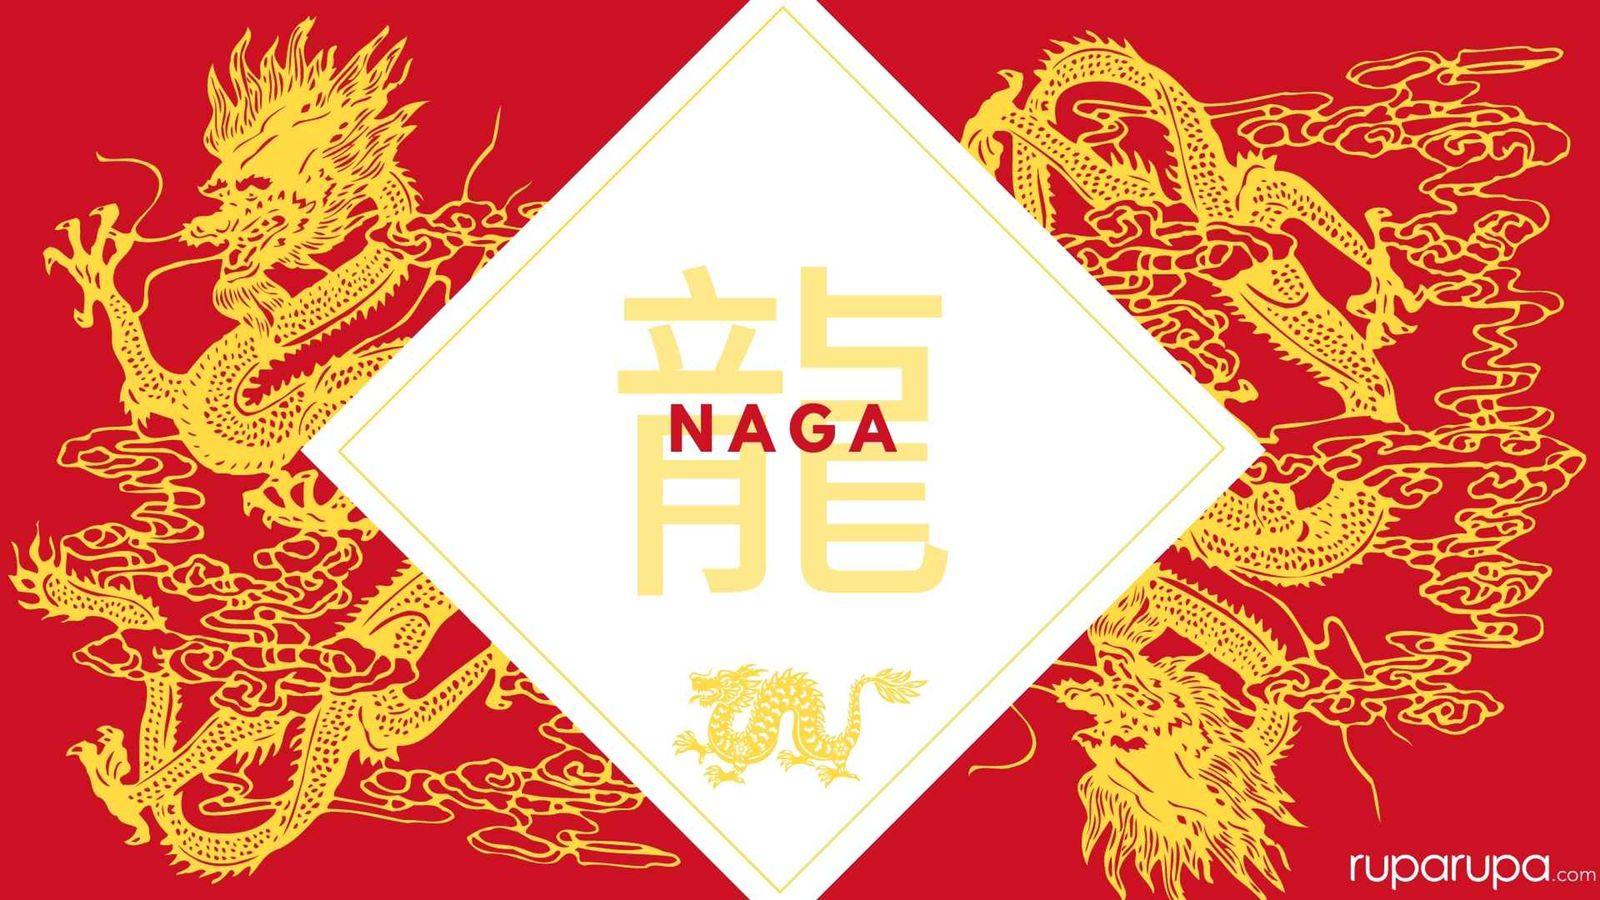 Shio Naga